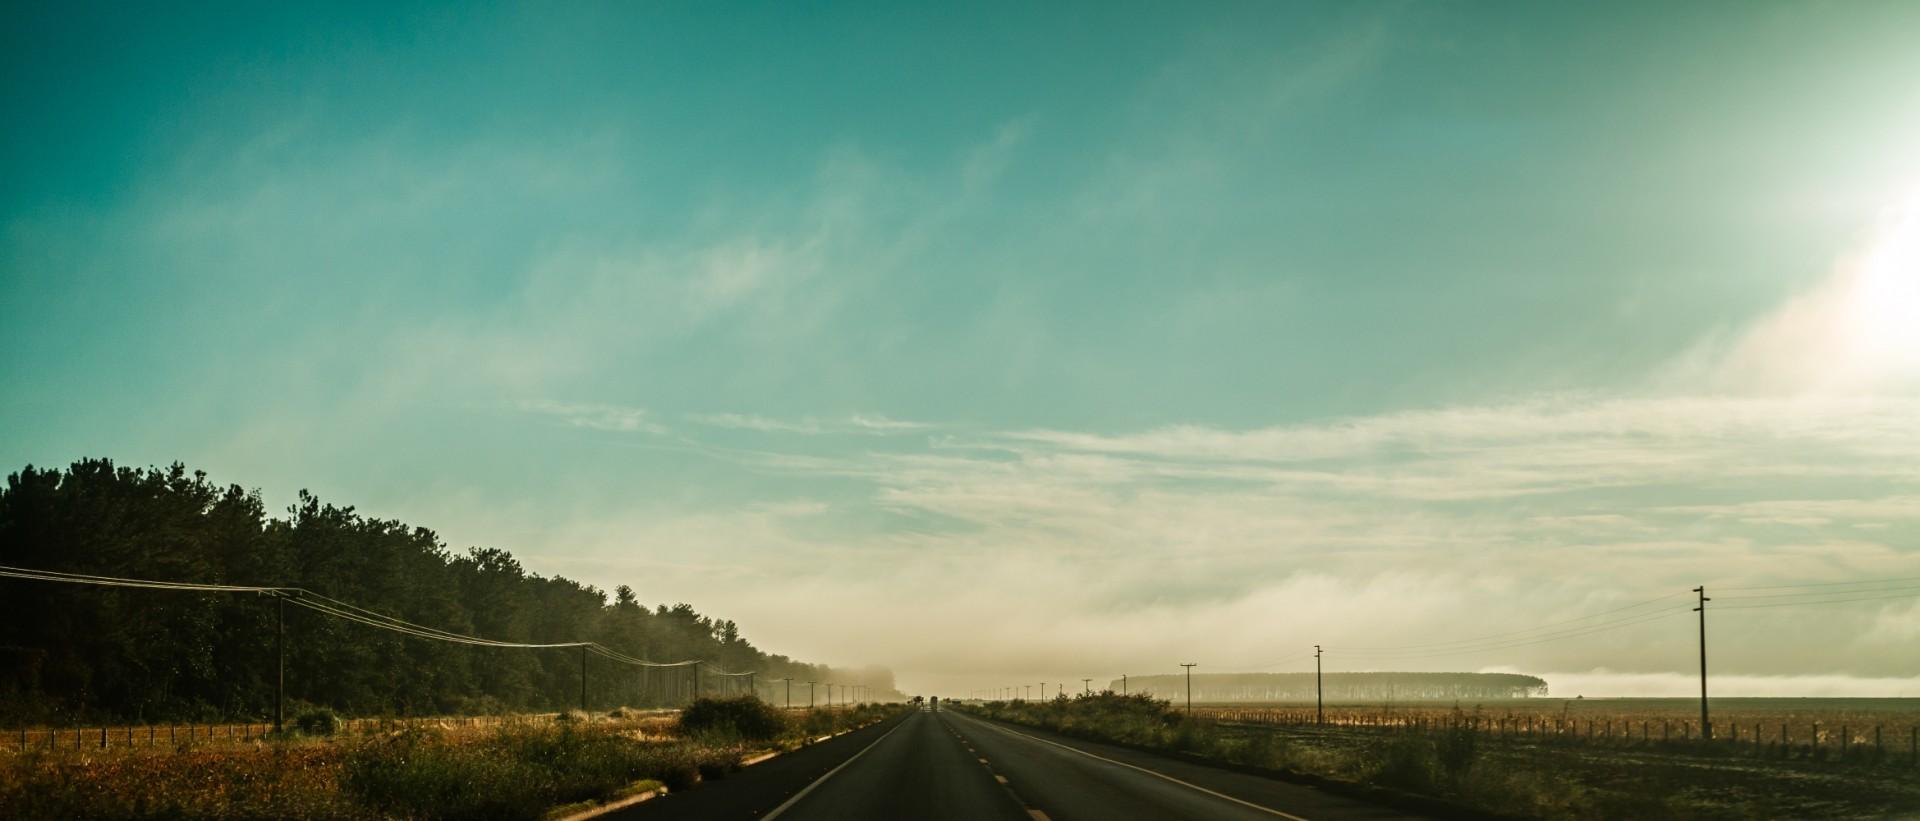 Fotografie eines wunderschönen Highways.